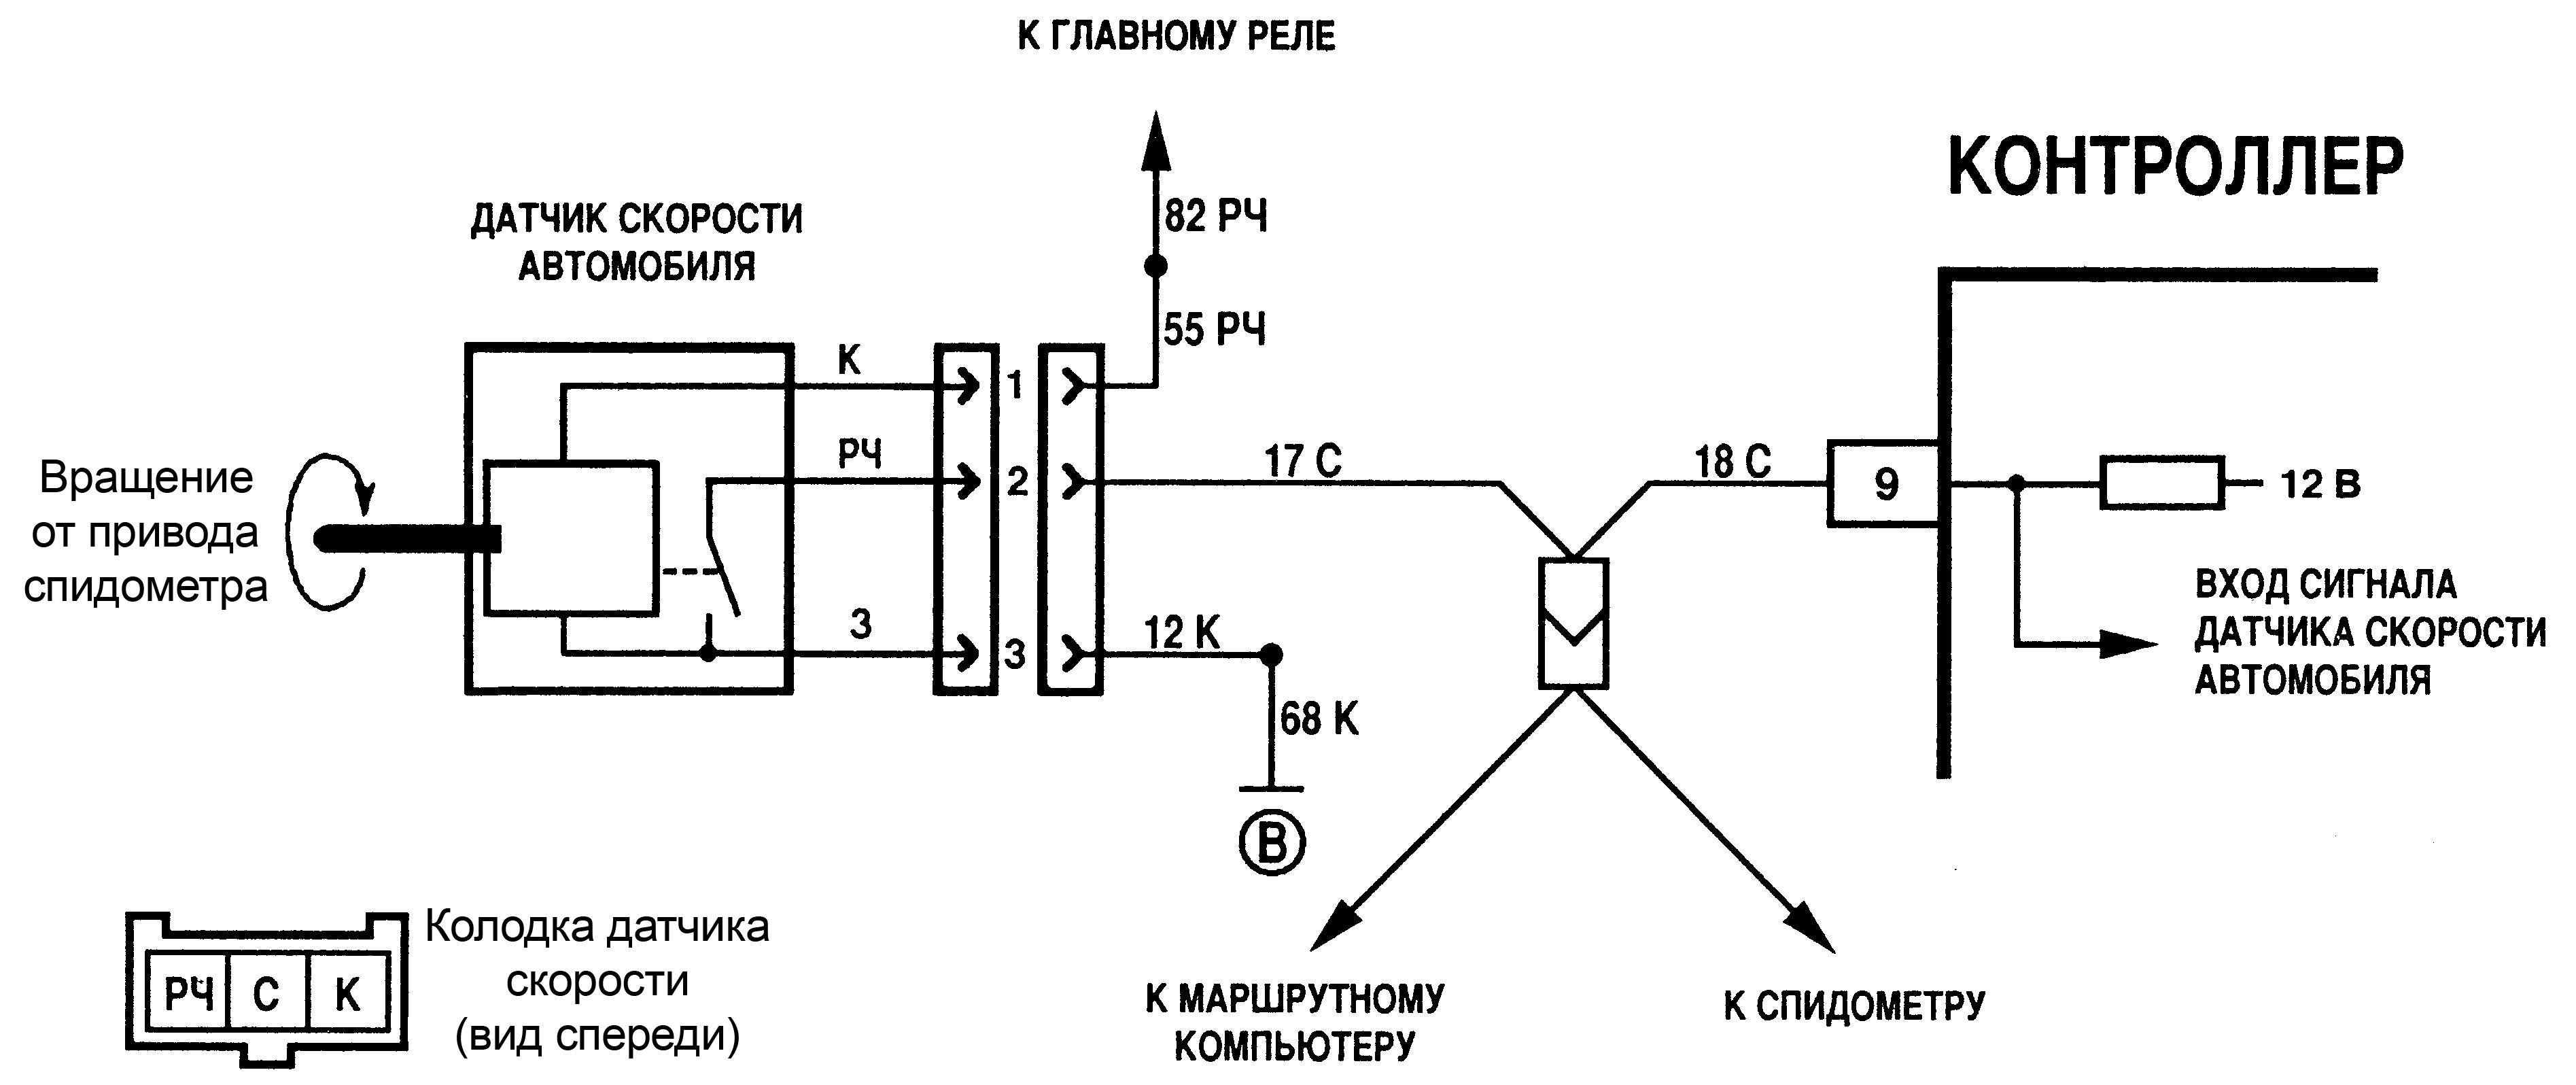 схема генератор датчика спидометра.